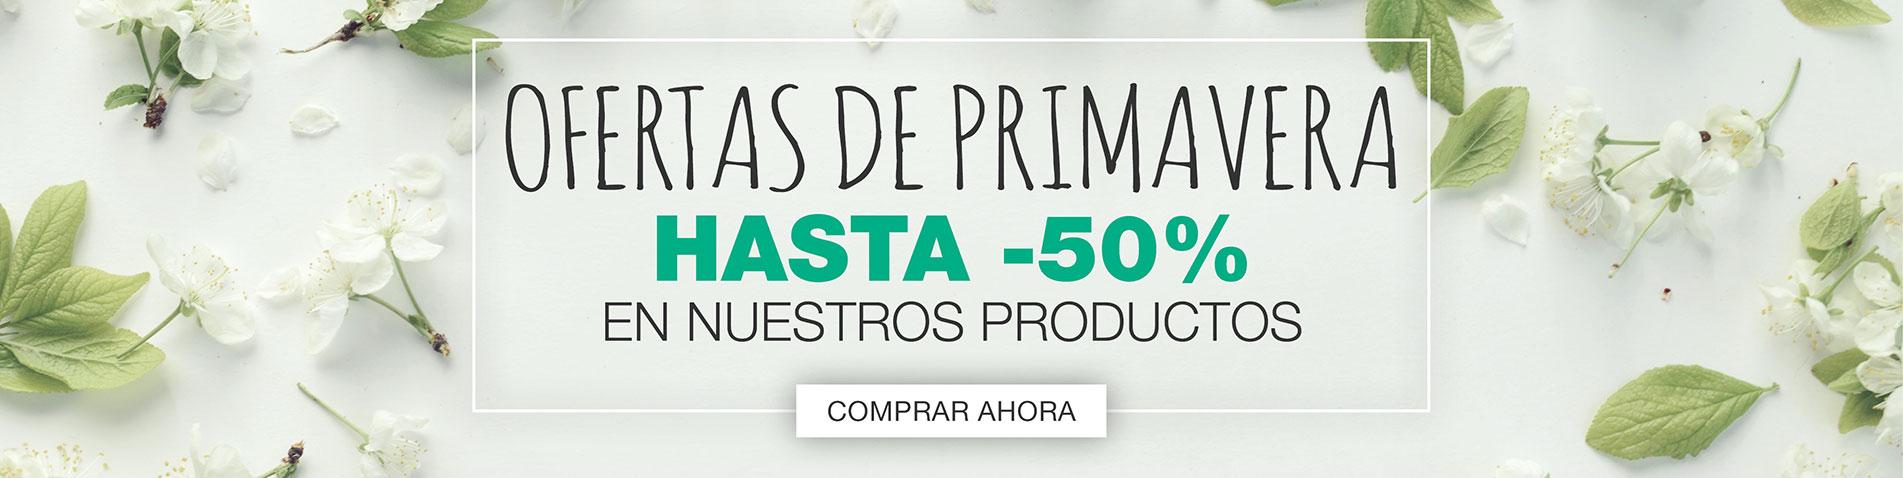 OFERTAS DE PRIMAVERA - HASTA -50% EN NUESTROS PRODUCTOS